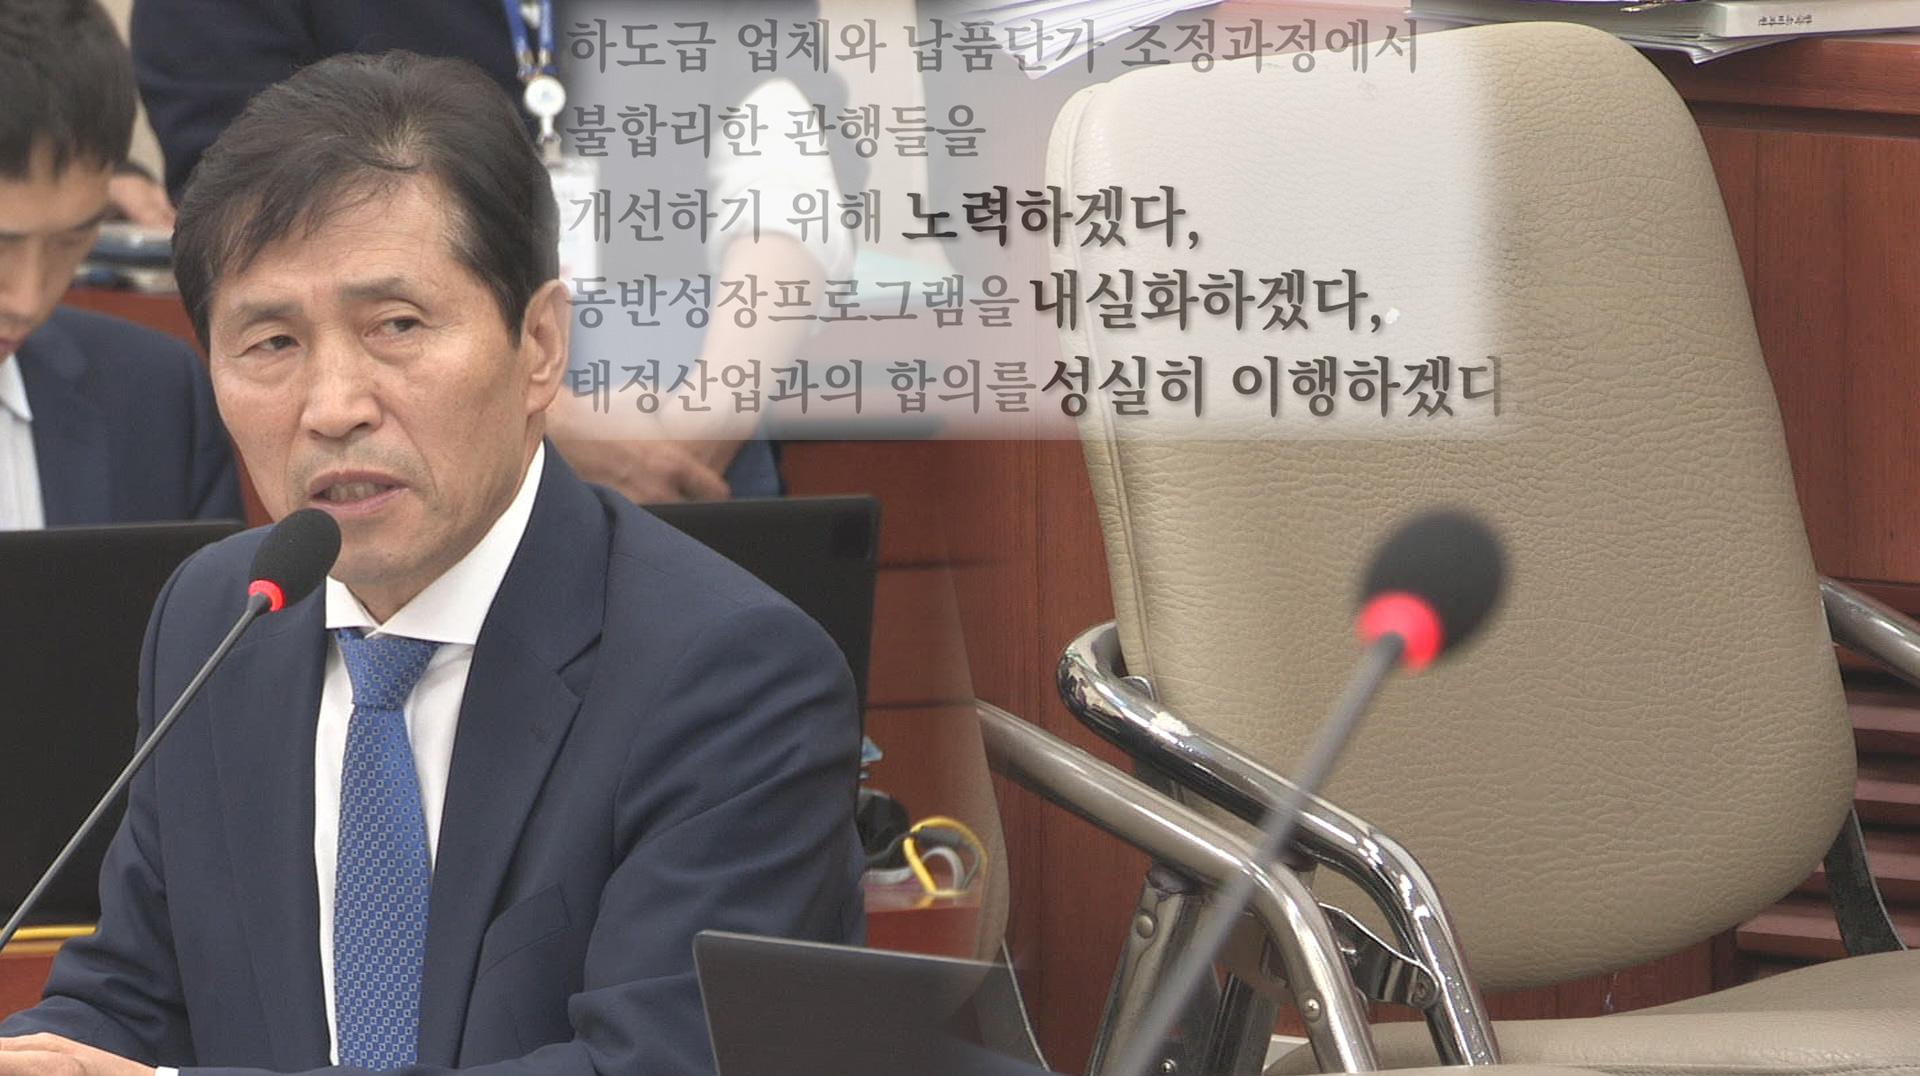 삼성전자, 협력사 볼모로 삼아 국정감사 회피